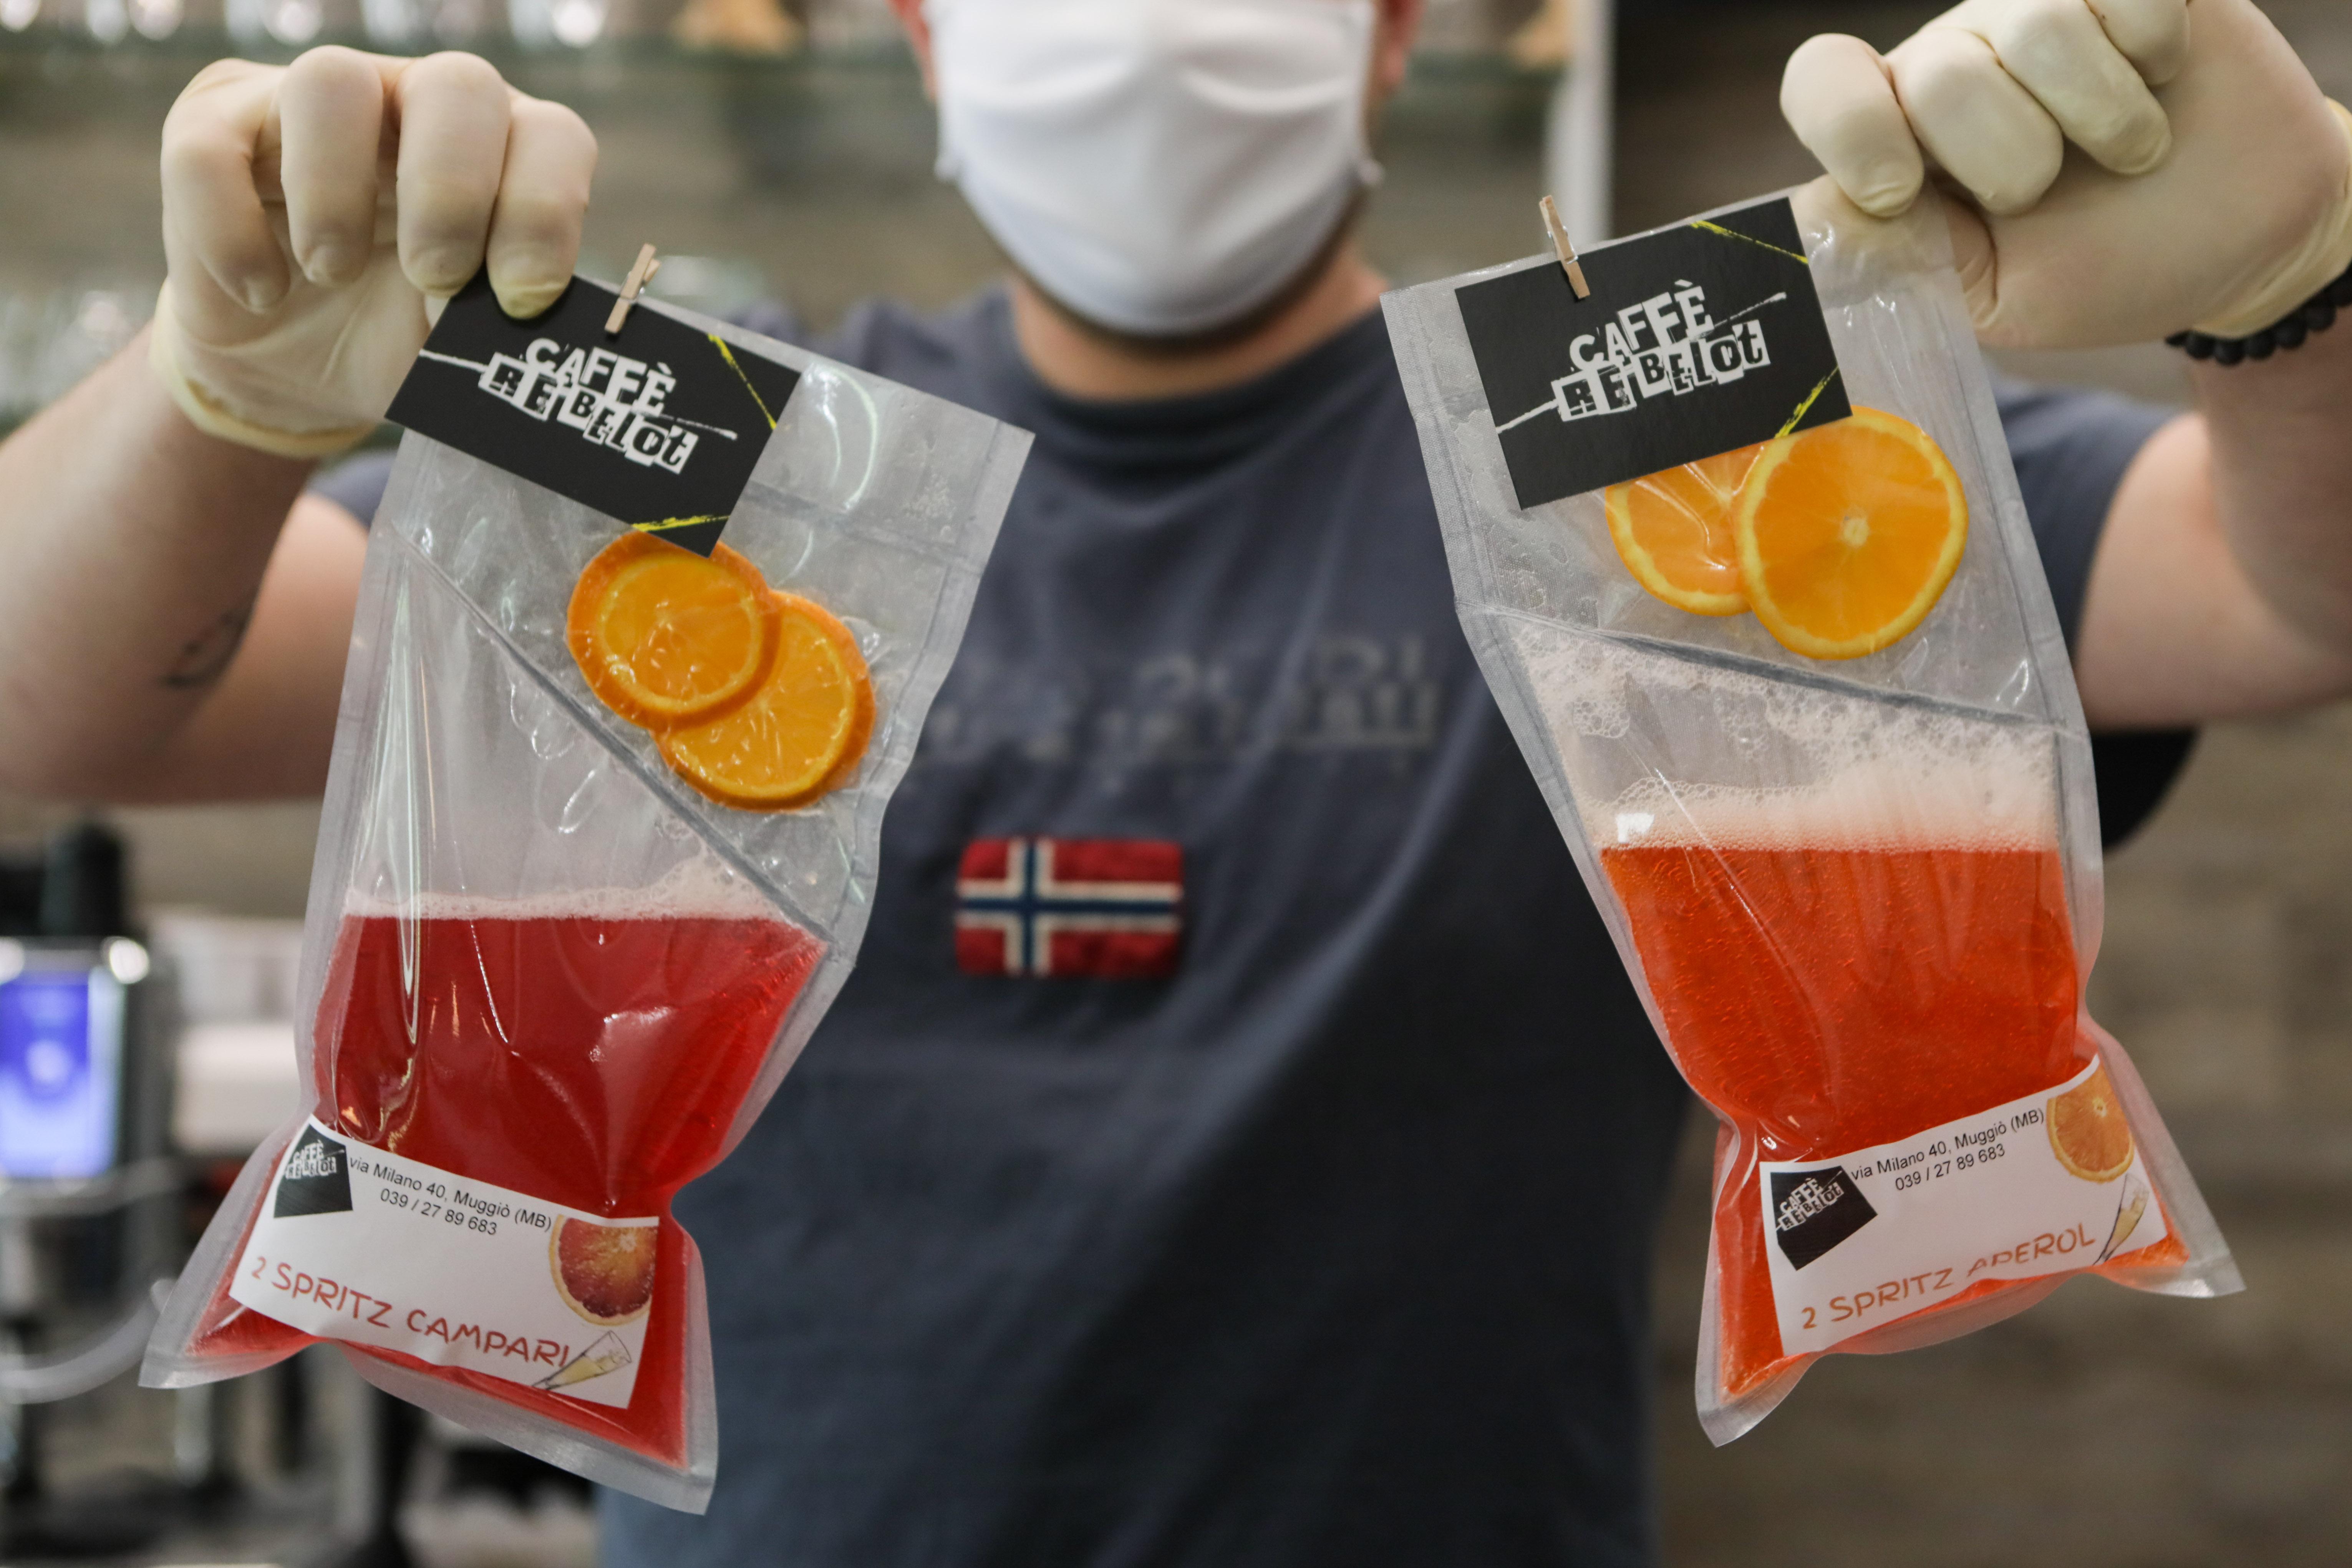 戴着手套的手举着一袋袋红色的外卖鸡尾酒。